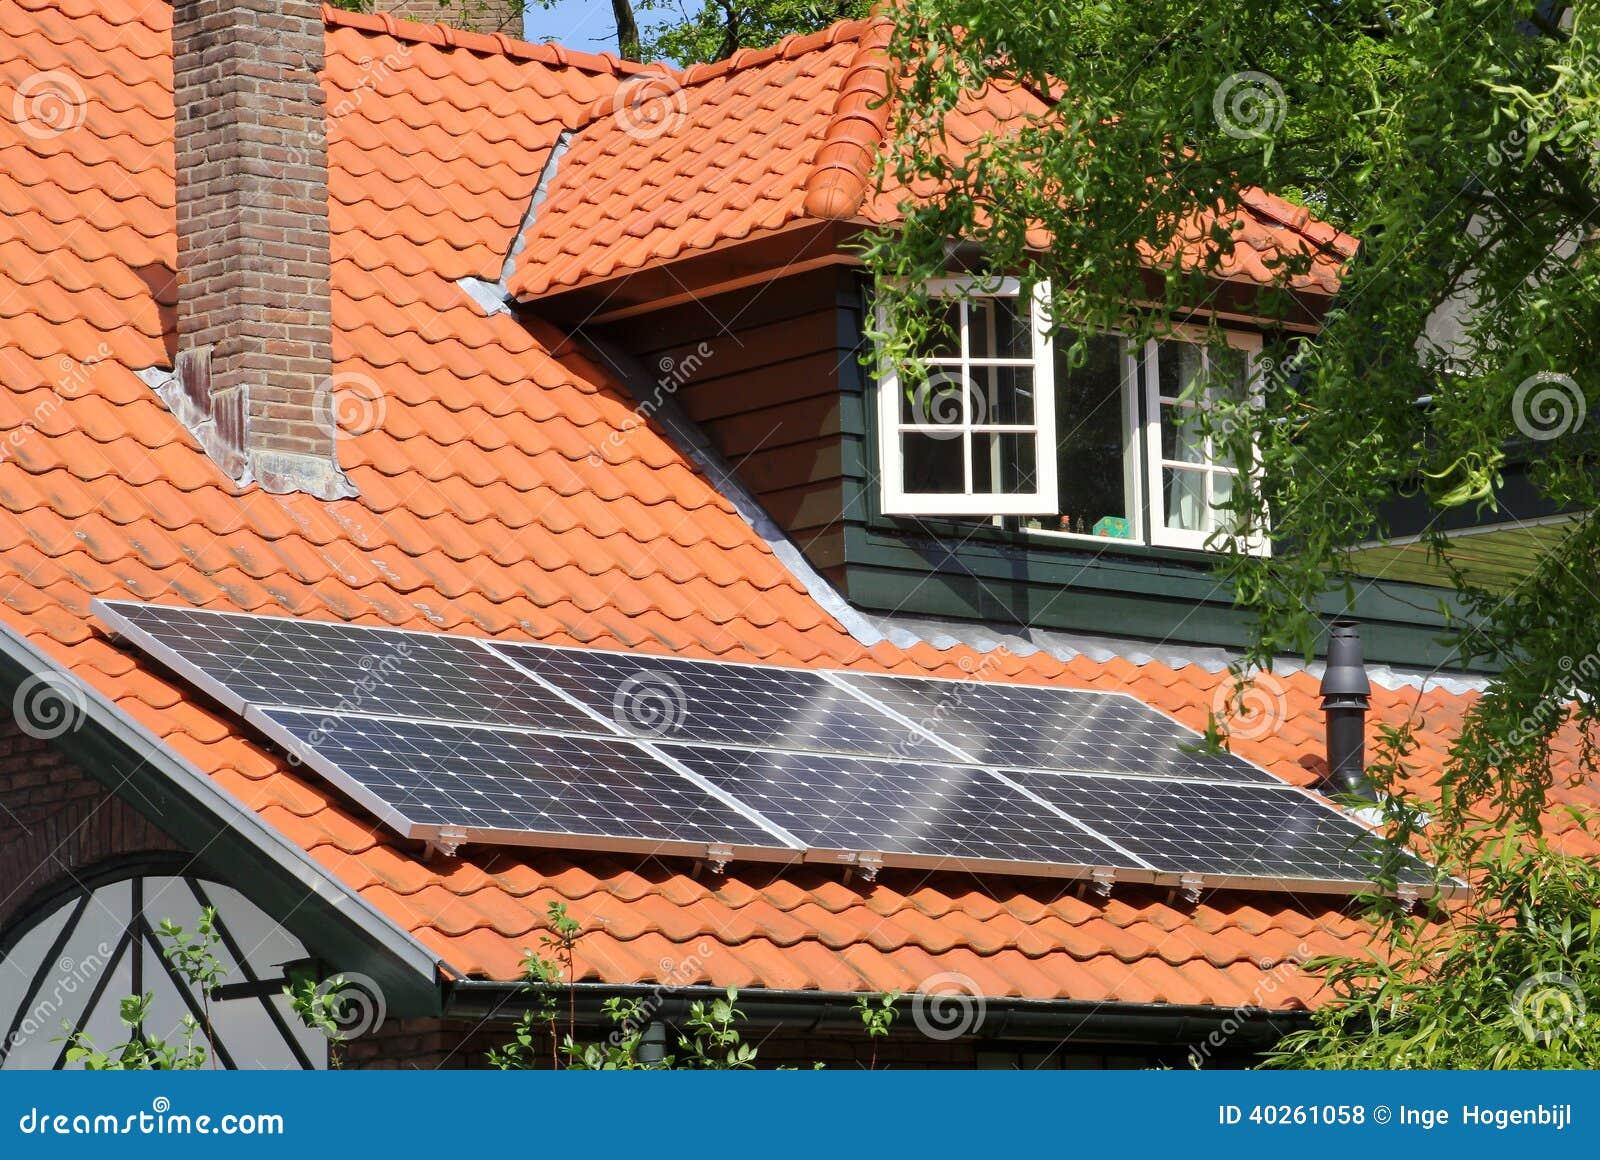 Tetto della casa moderna con i pannelli solari e le for Tetto della casa moderna